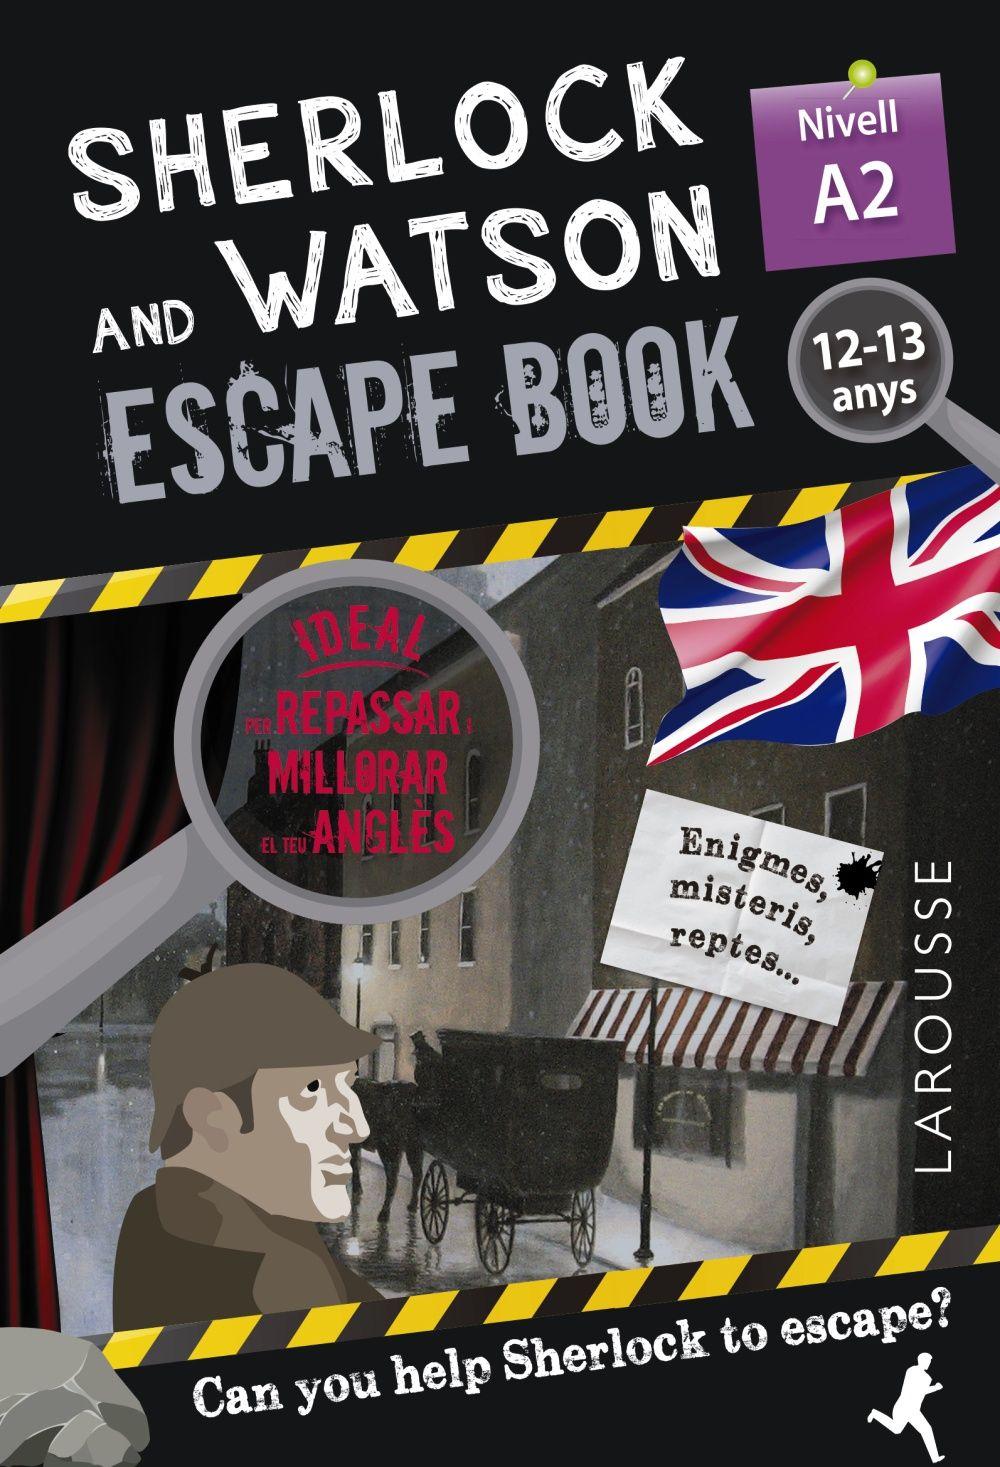 SHERLOCK & WATSON ESCAPE BOOK PER REPASSAR ANGLES 12 13 ANYS